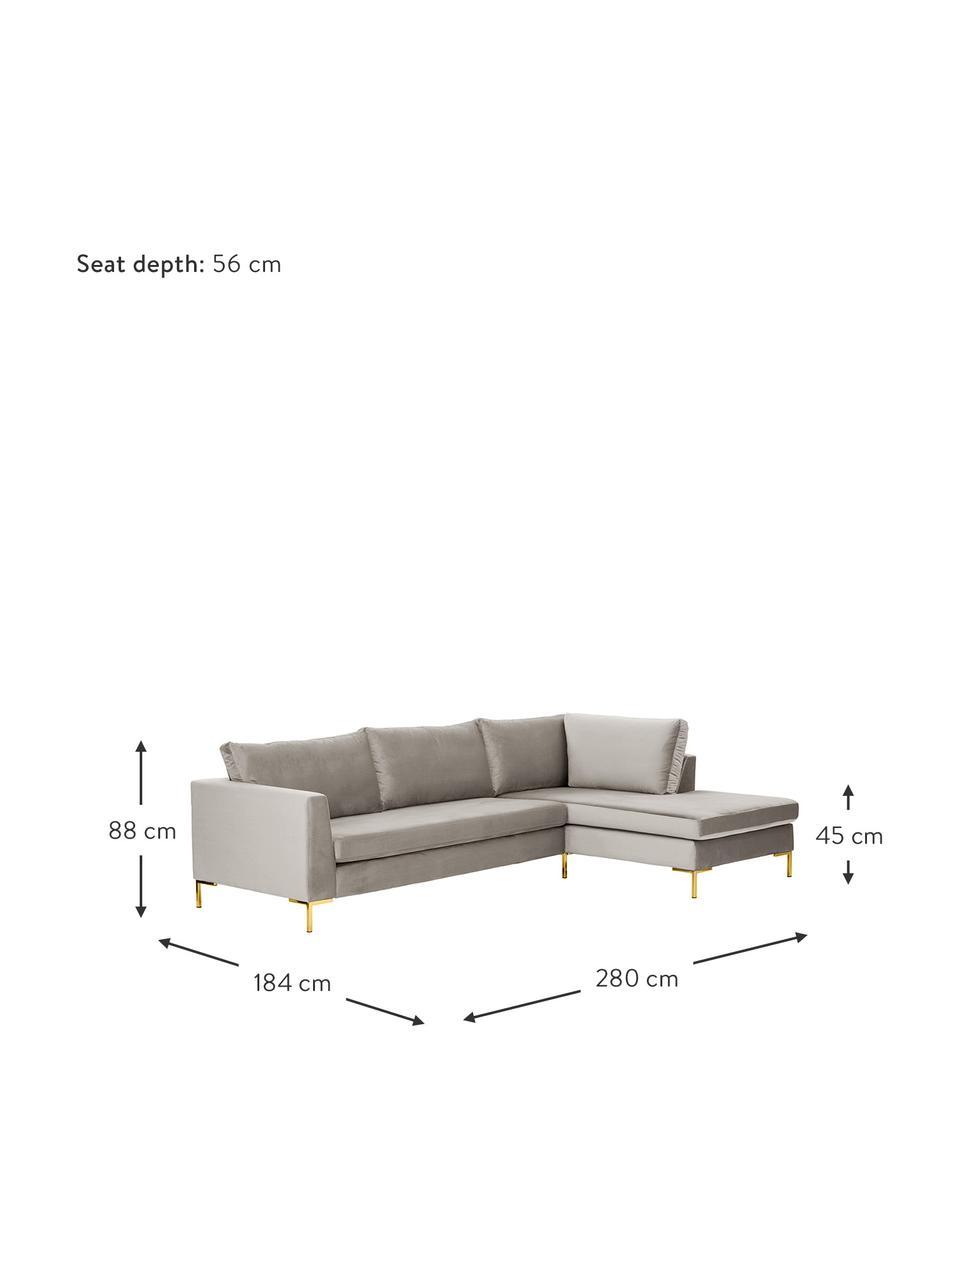 Sofa narożna z aksamitu z metalowymi nogami Luna, Tapicerka: aksamit (poliester) Dzięk, Nogi: metal galwanizowany, Aksamitny beżowy, złoty, S 280 x G 184 cm